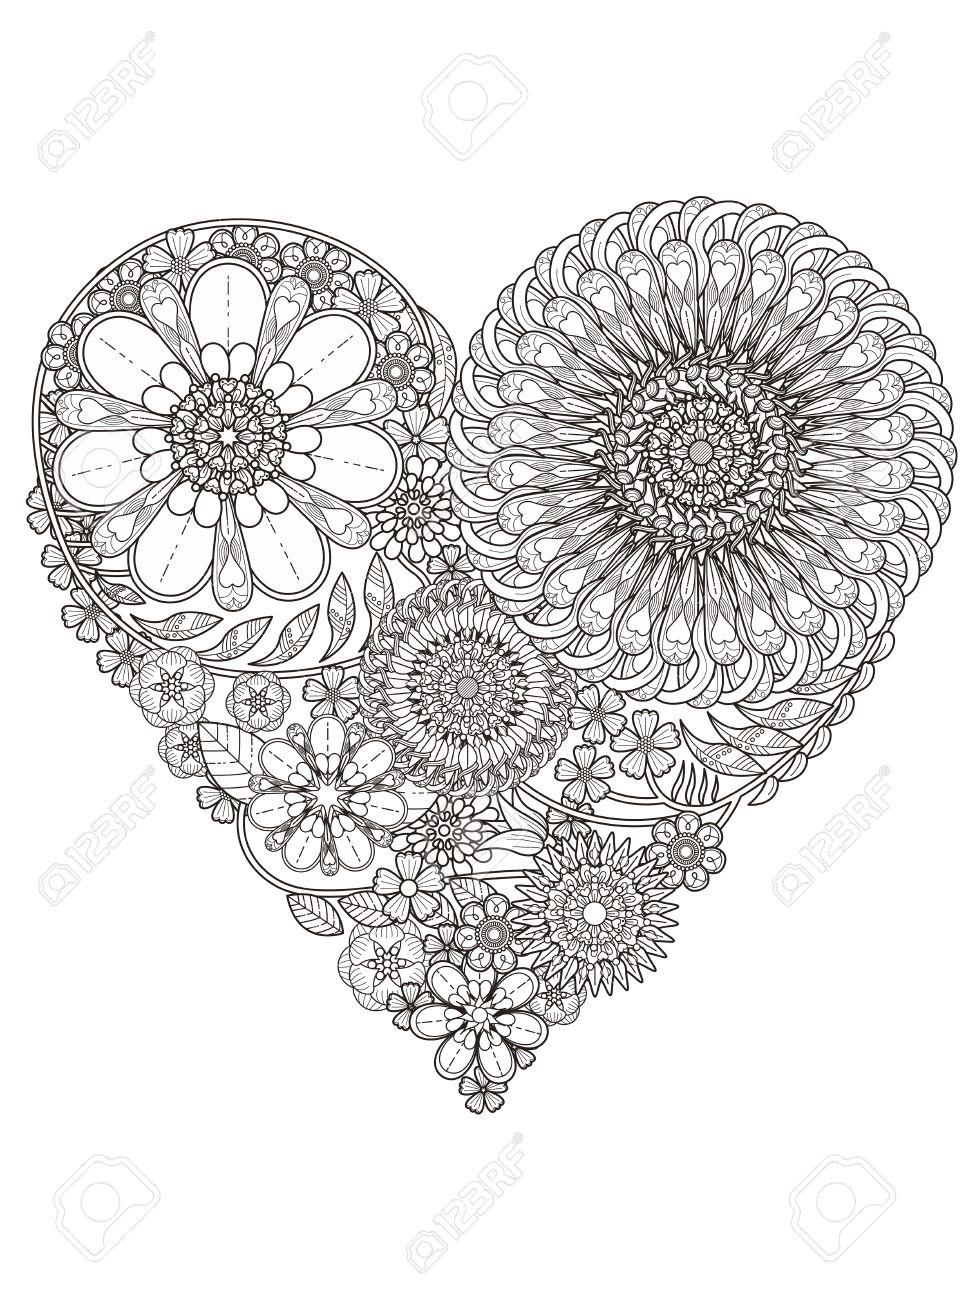 Creativa Para Colorear De Flores En Forma De Corazón Ilustraciones ...